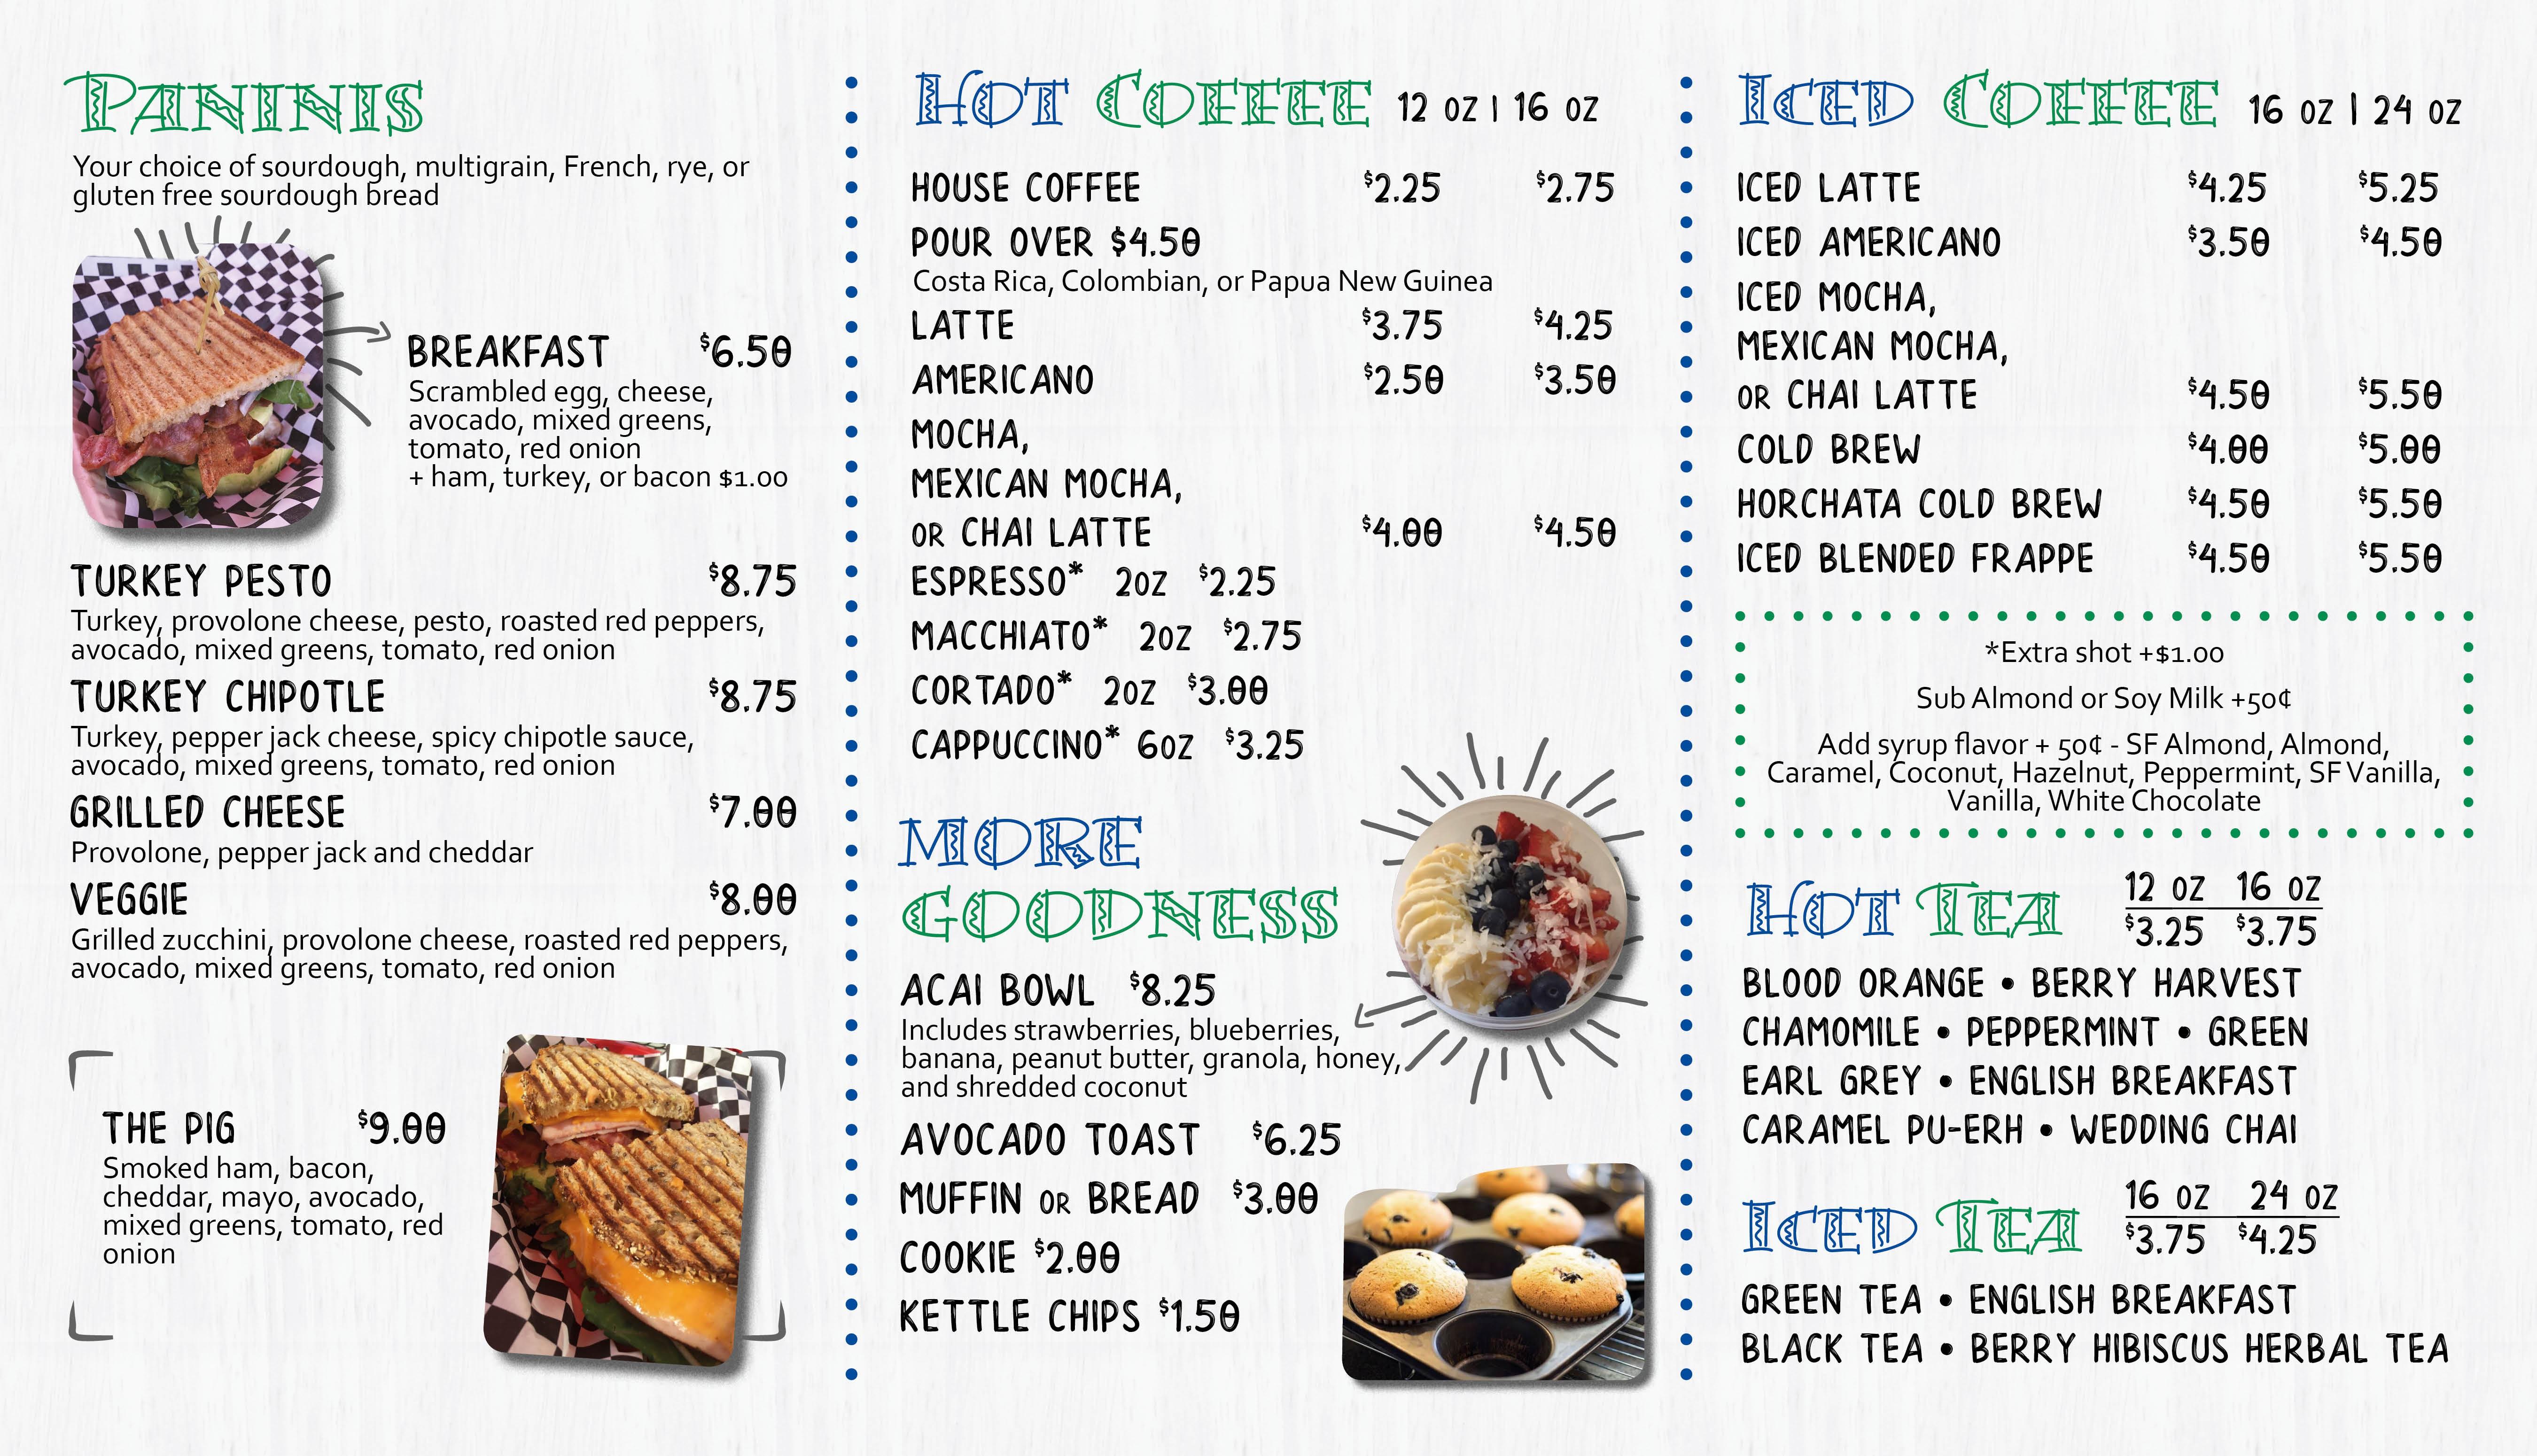 SoCal Cafe needs a menu facelift